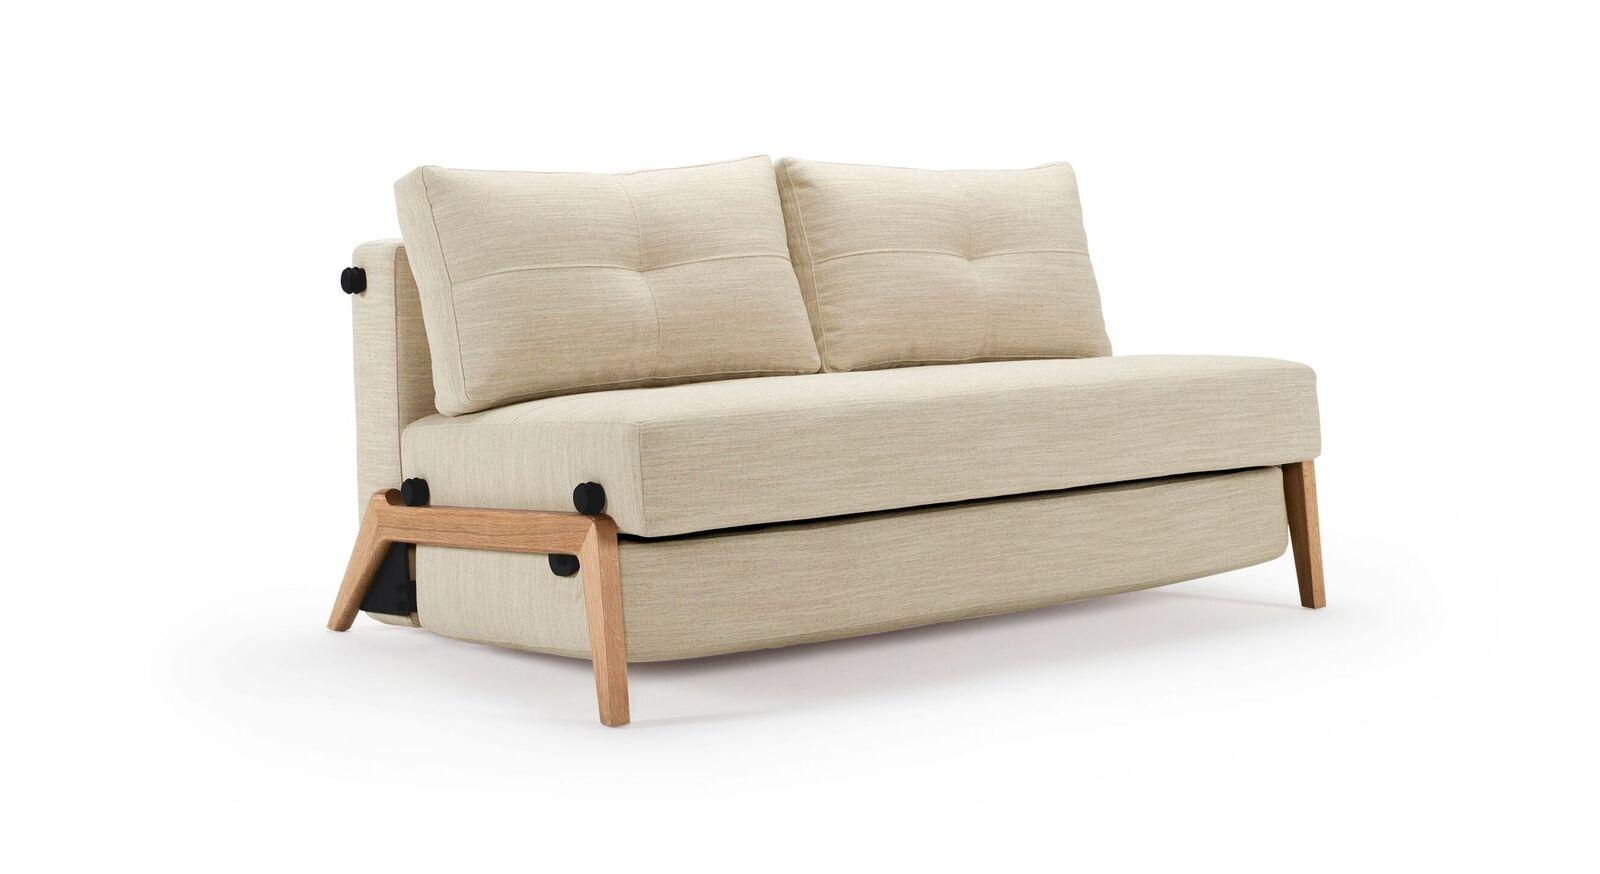 Zweisitzer Schlafsofa Carlton mit Bezug aus Webstoff mit Leinen in Sand